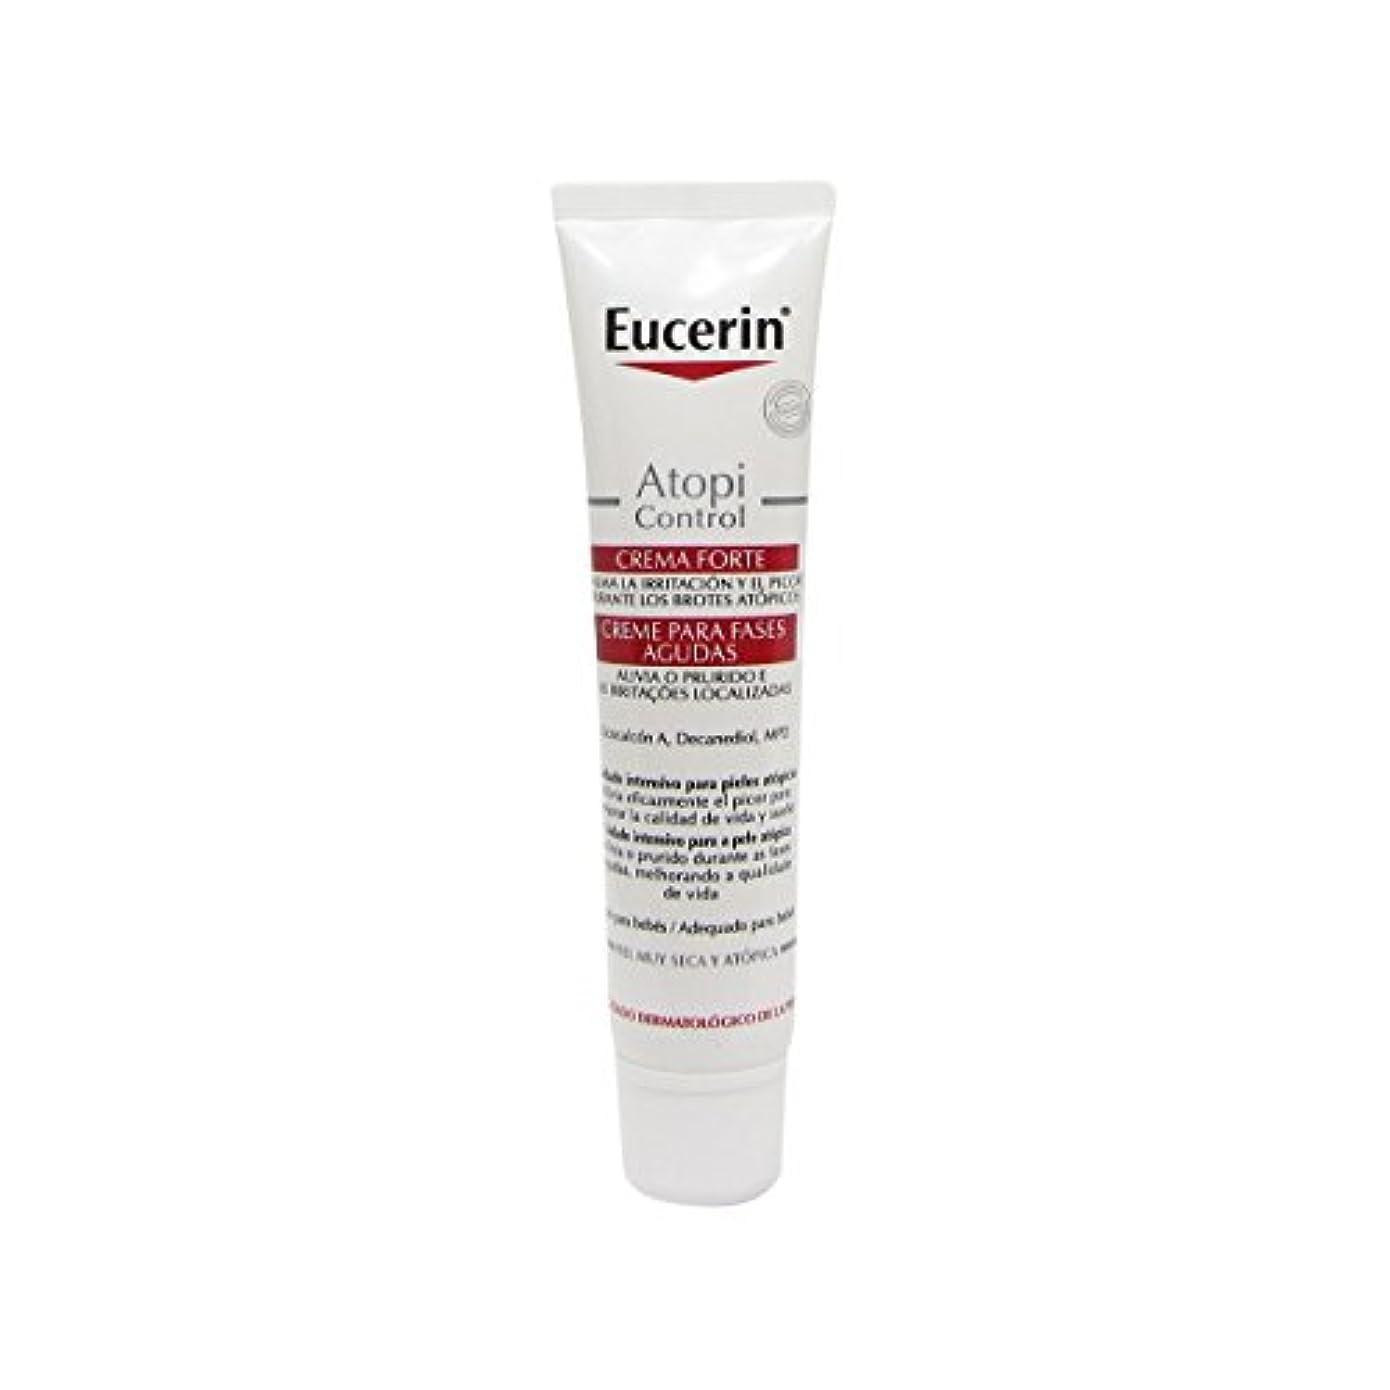 エールバーマド謝るEucerin Atopicontrol Acute Care Cream 40ml [並行輸入品]